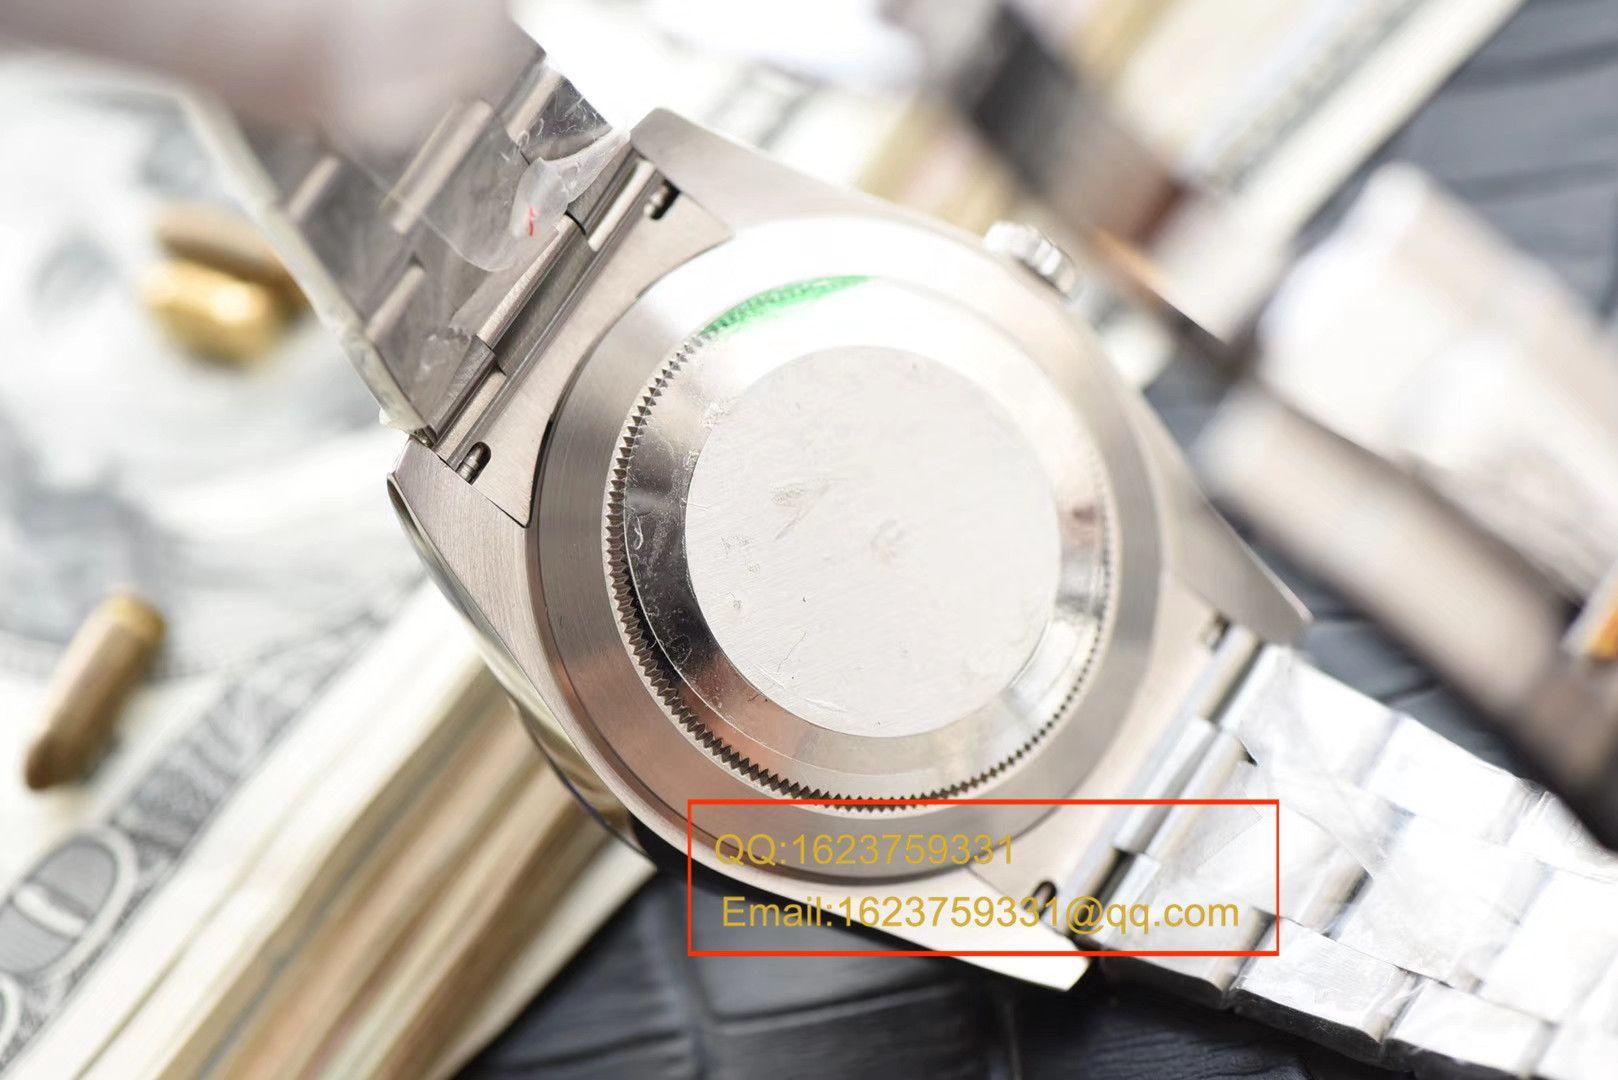 【视频评测N厂一比一复刻手表】劳力士日志型系列116234蓝盘镶嵌钻石腕表 / RBD088